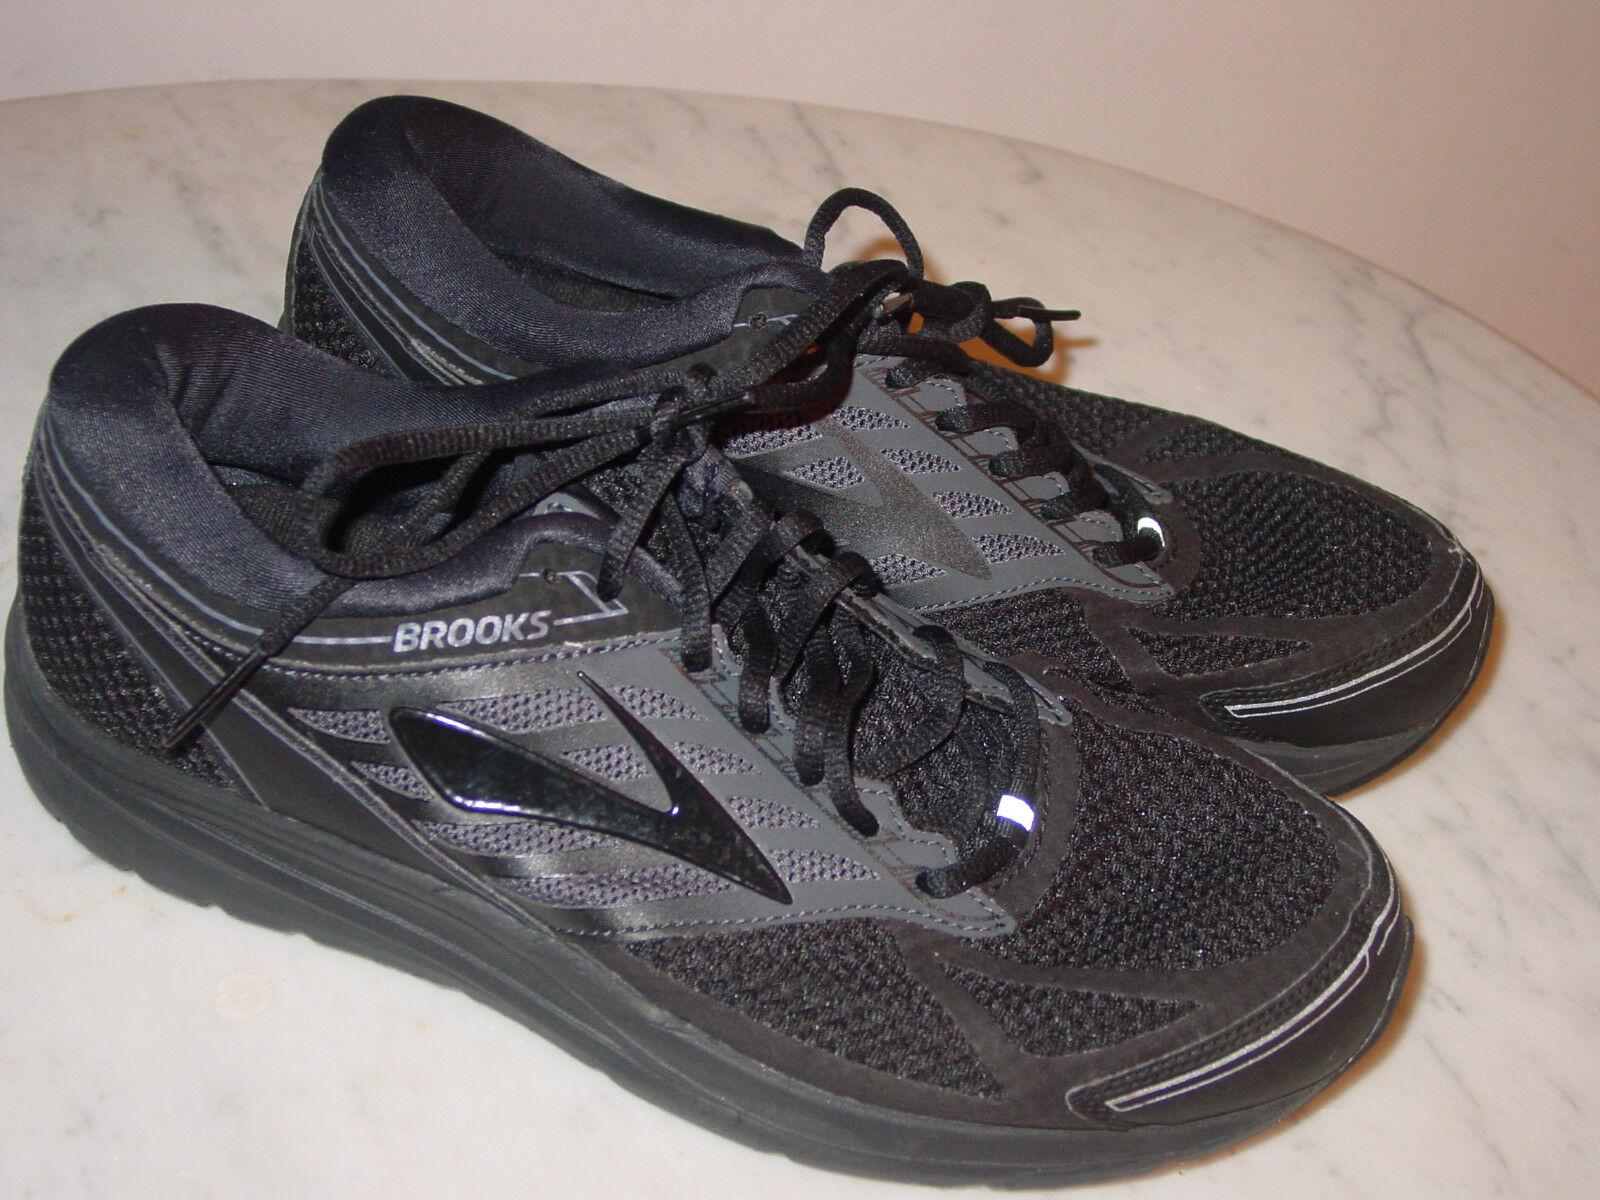 Para Hombre Brooks Addiction 13 Negro 1102612E071 Running Zapatos  tamaño 10.5 amplia